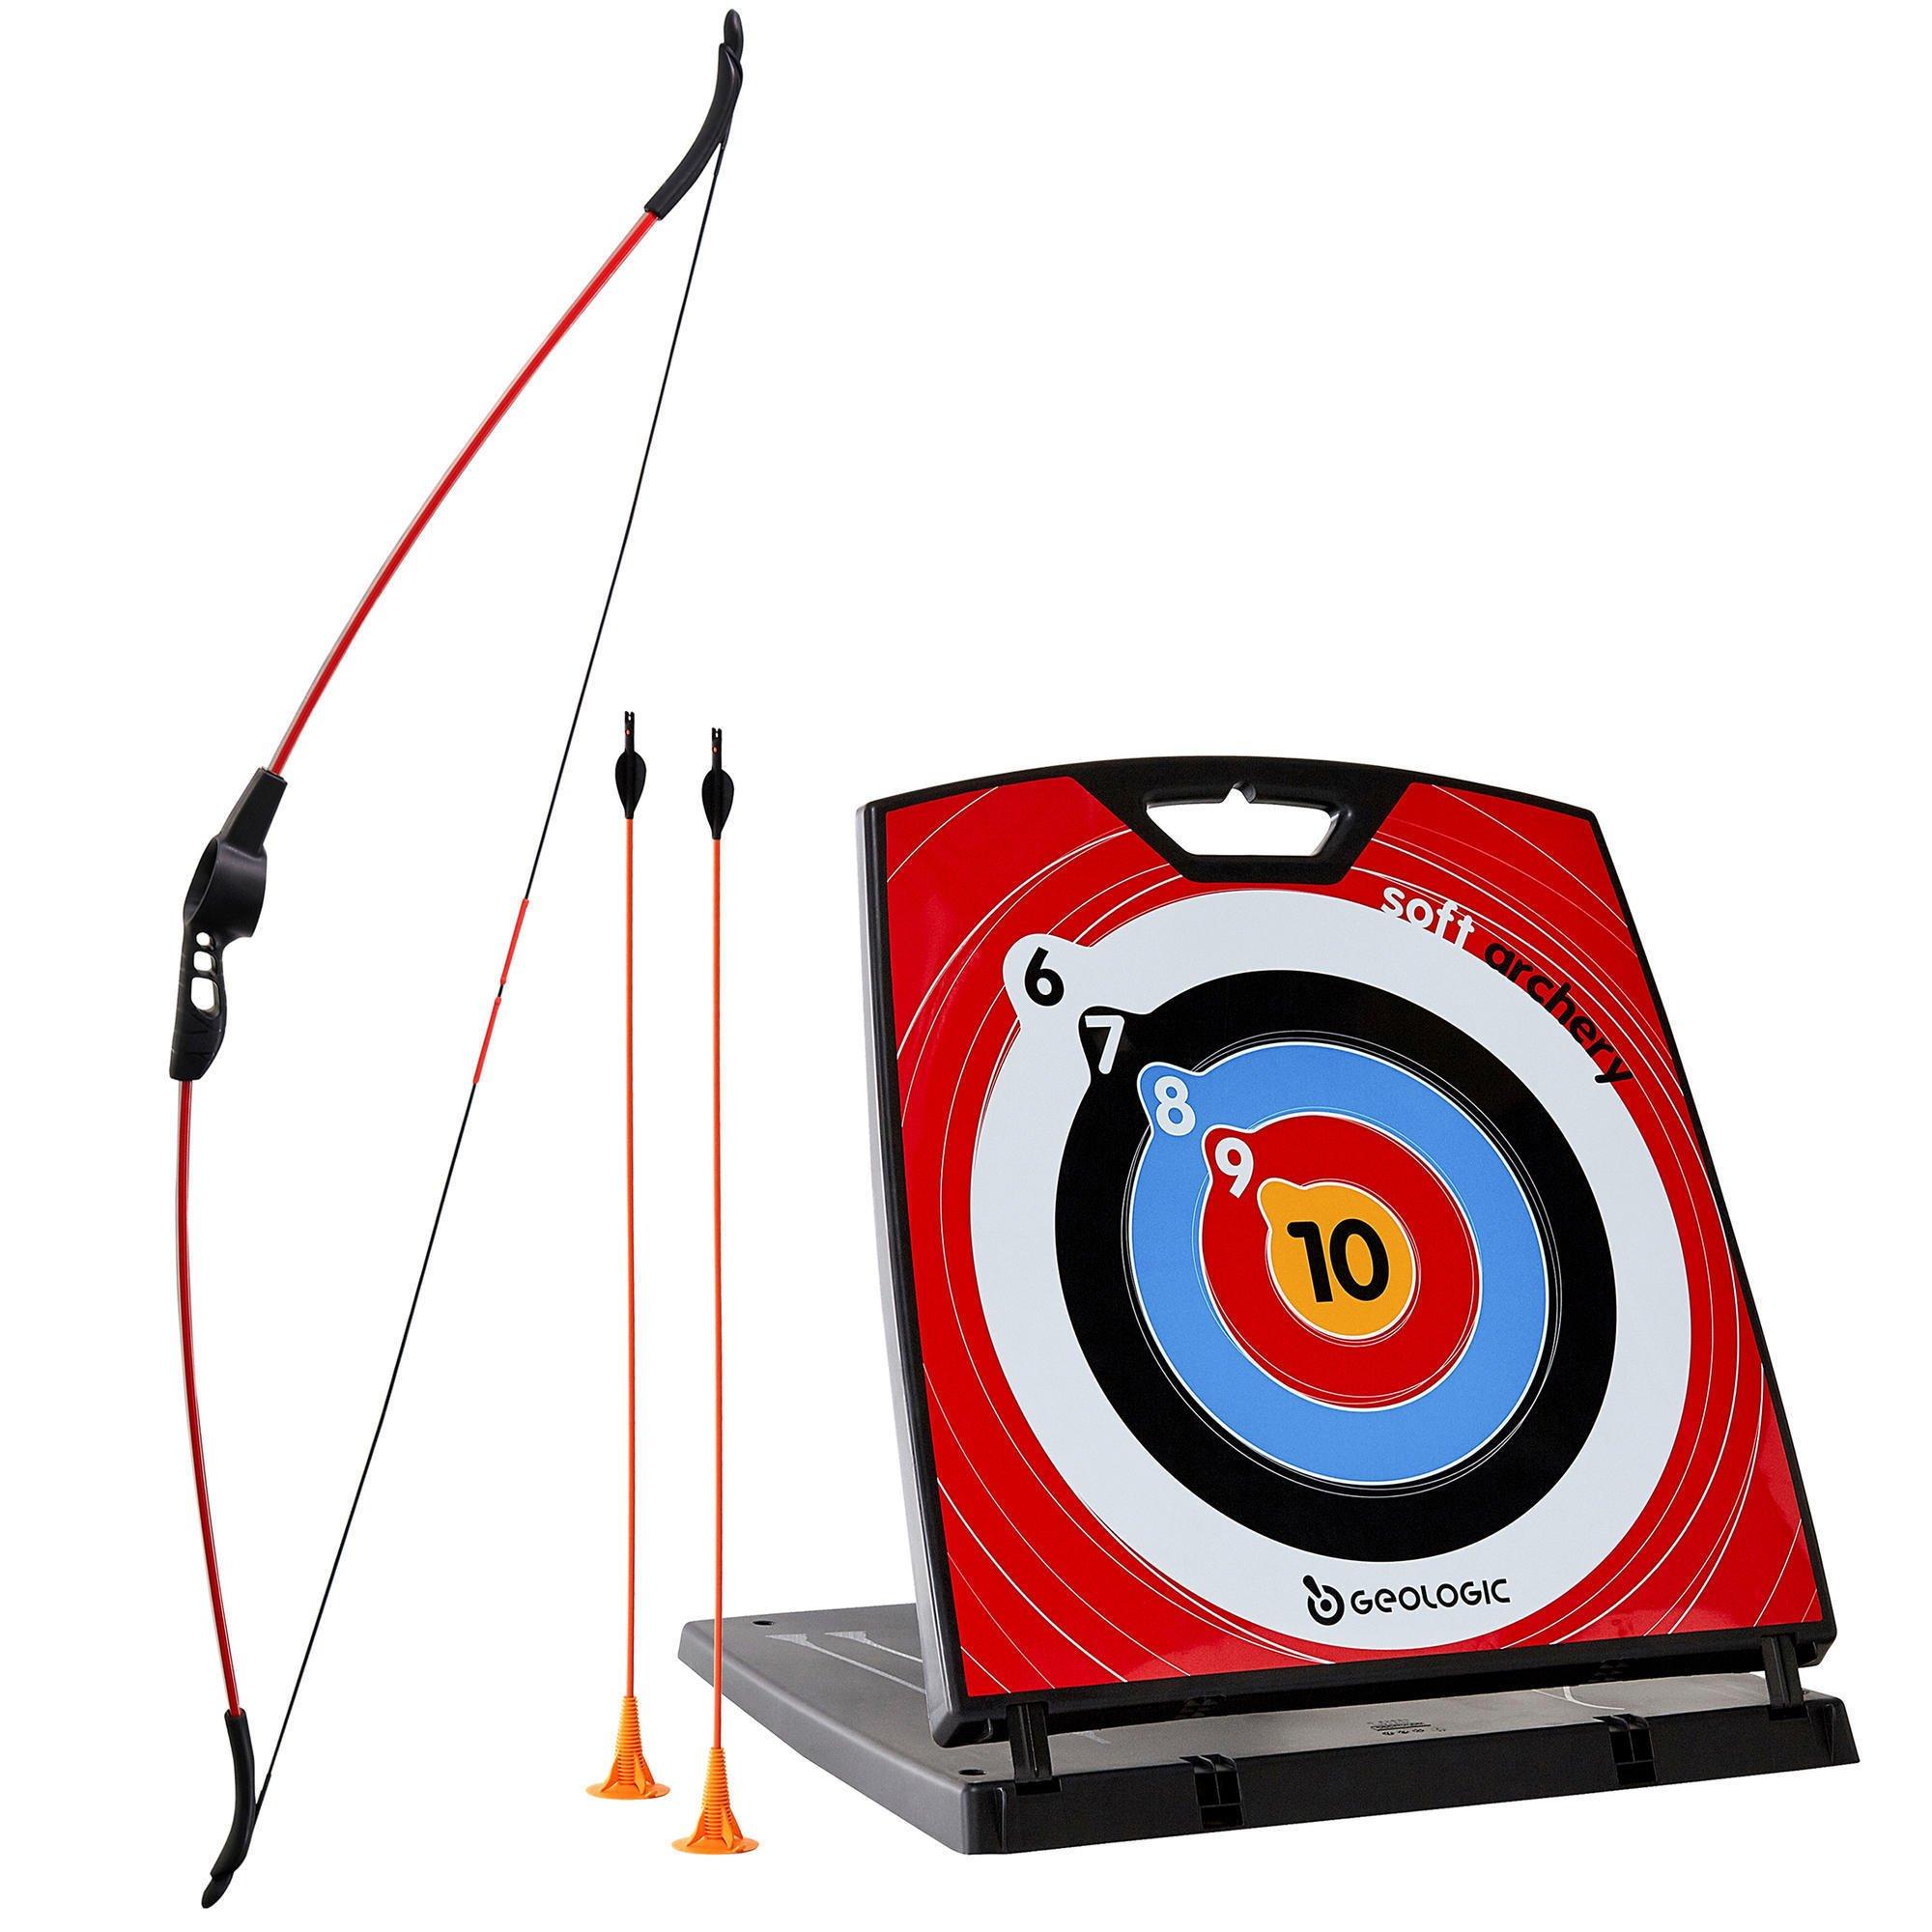 soft-archery-set-1466